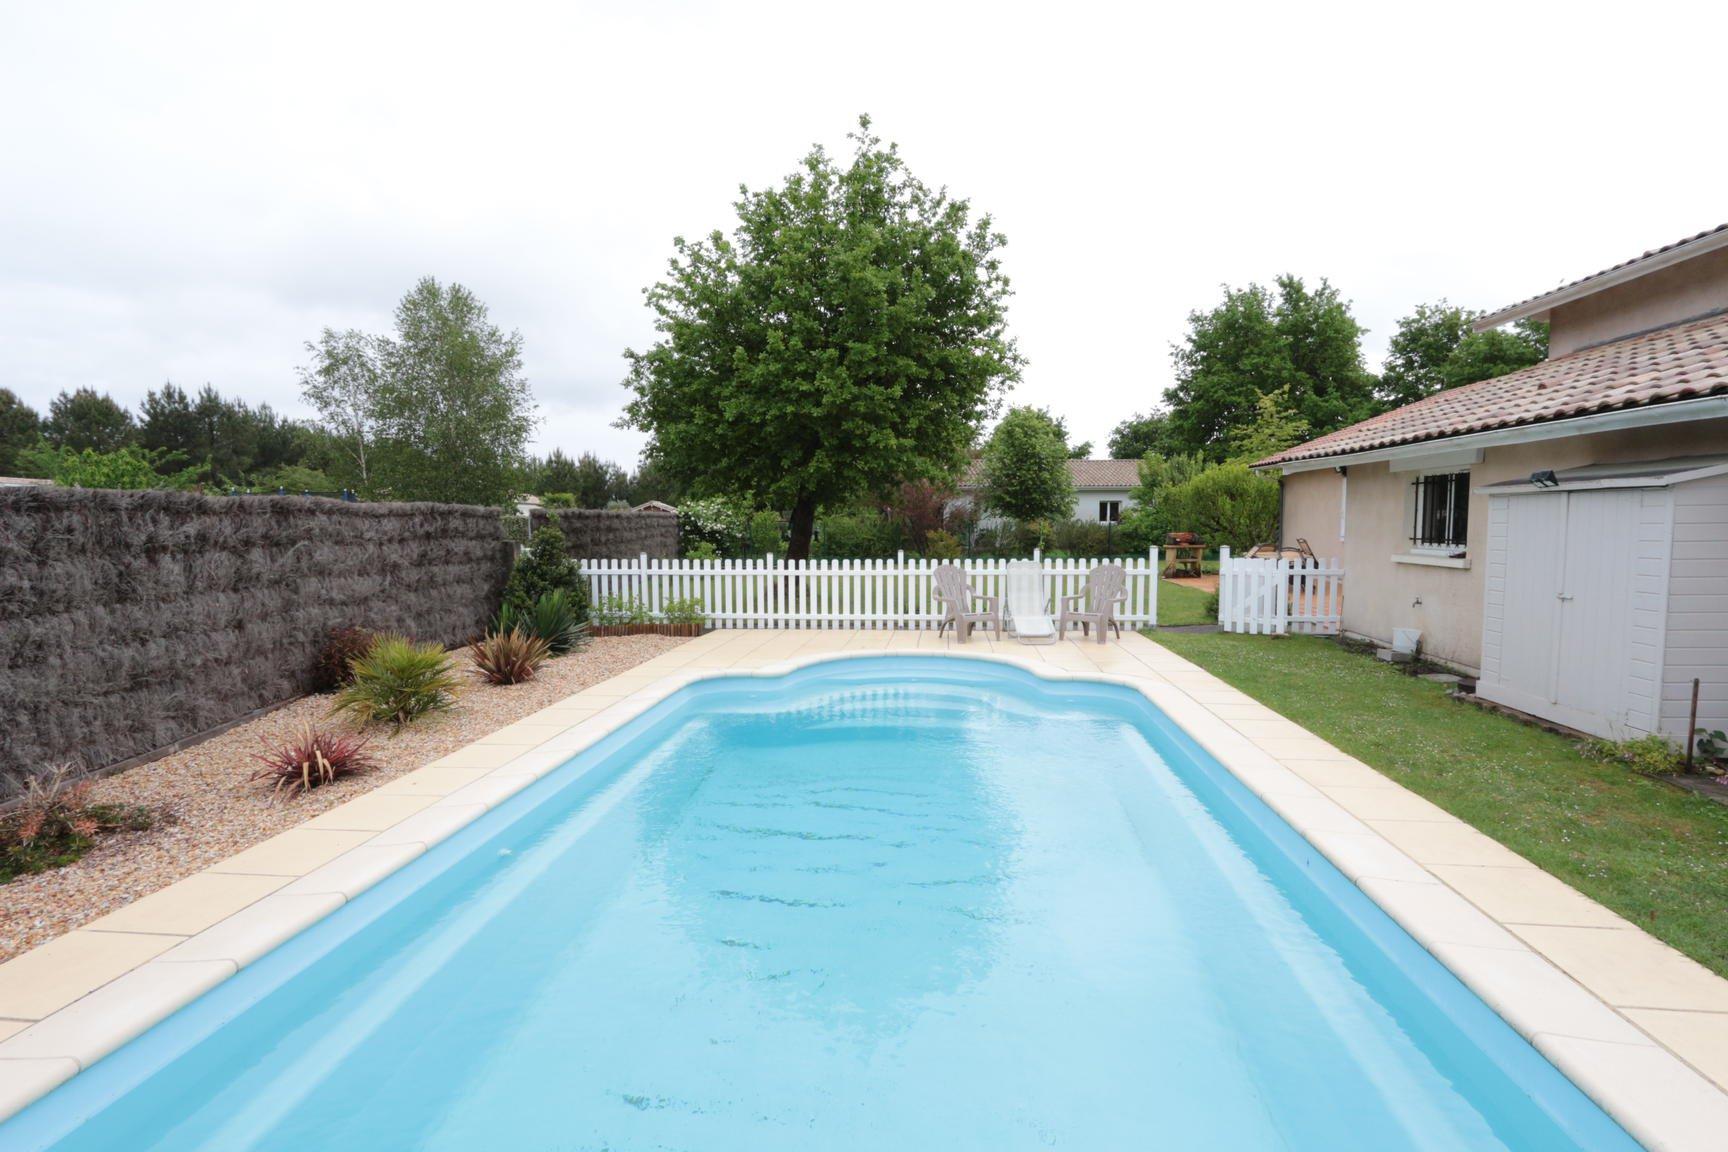 Maison de 160m2 avec piscine en lisière de forêt